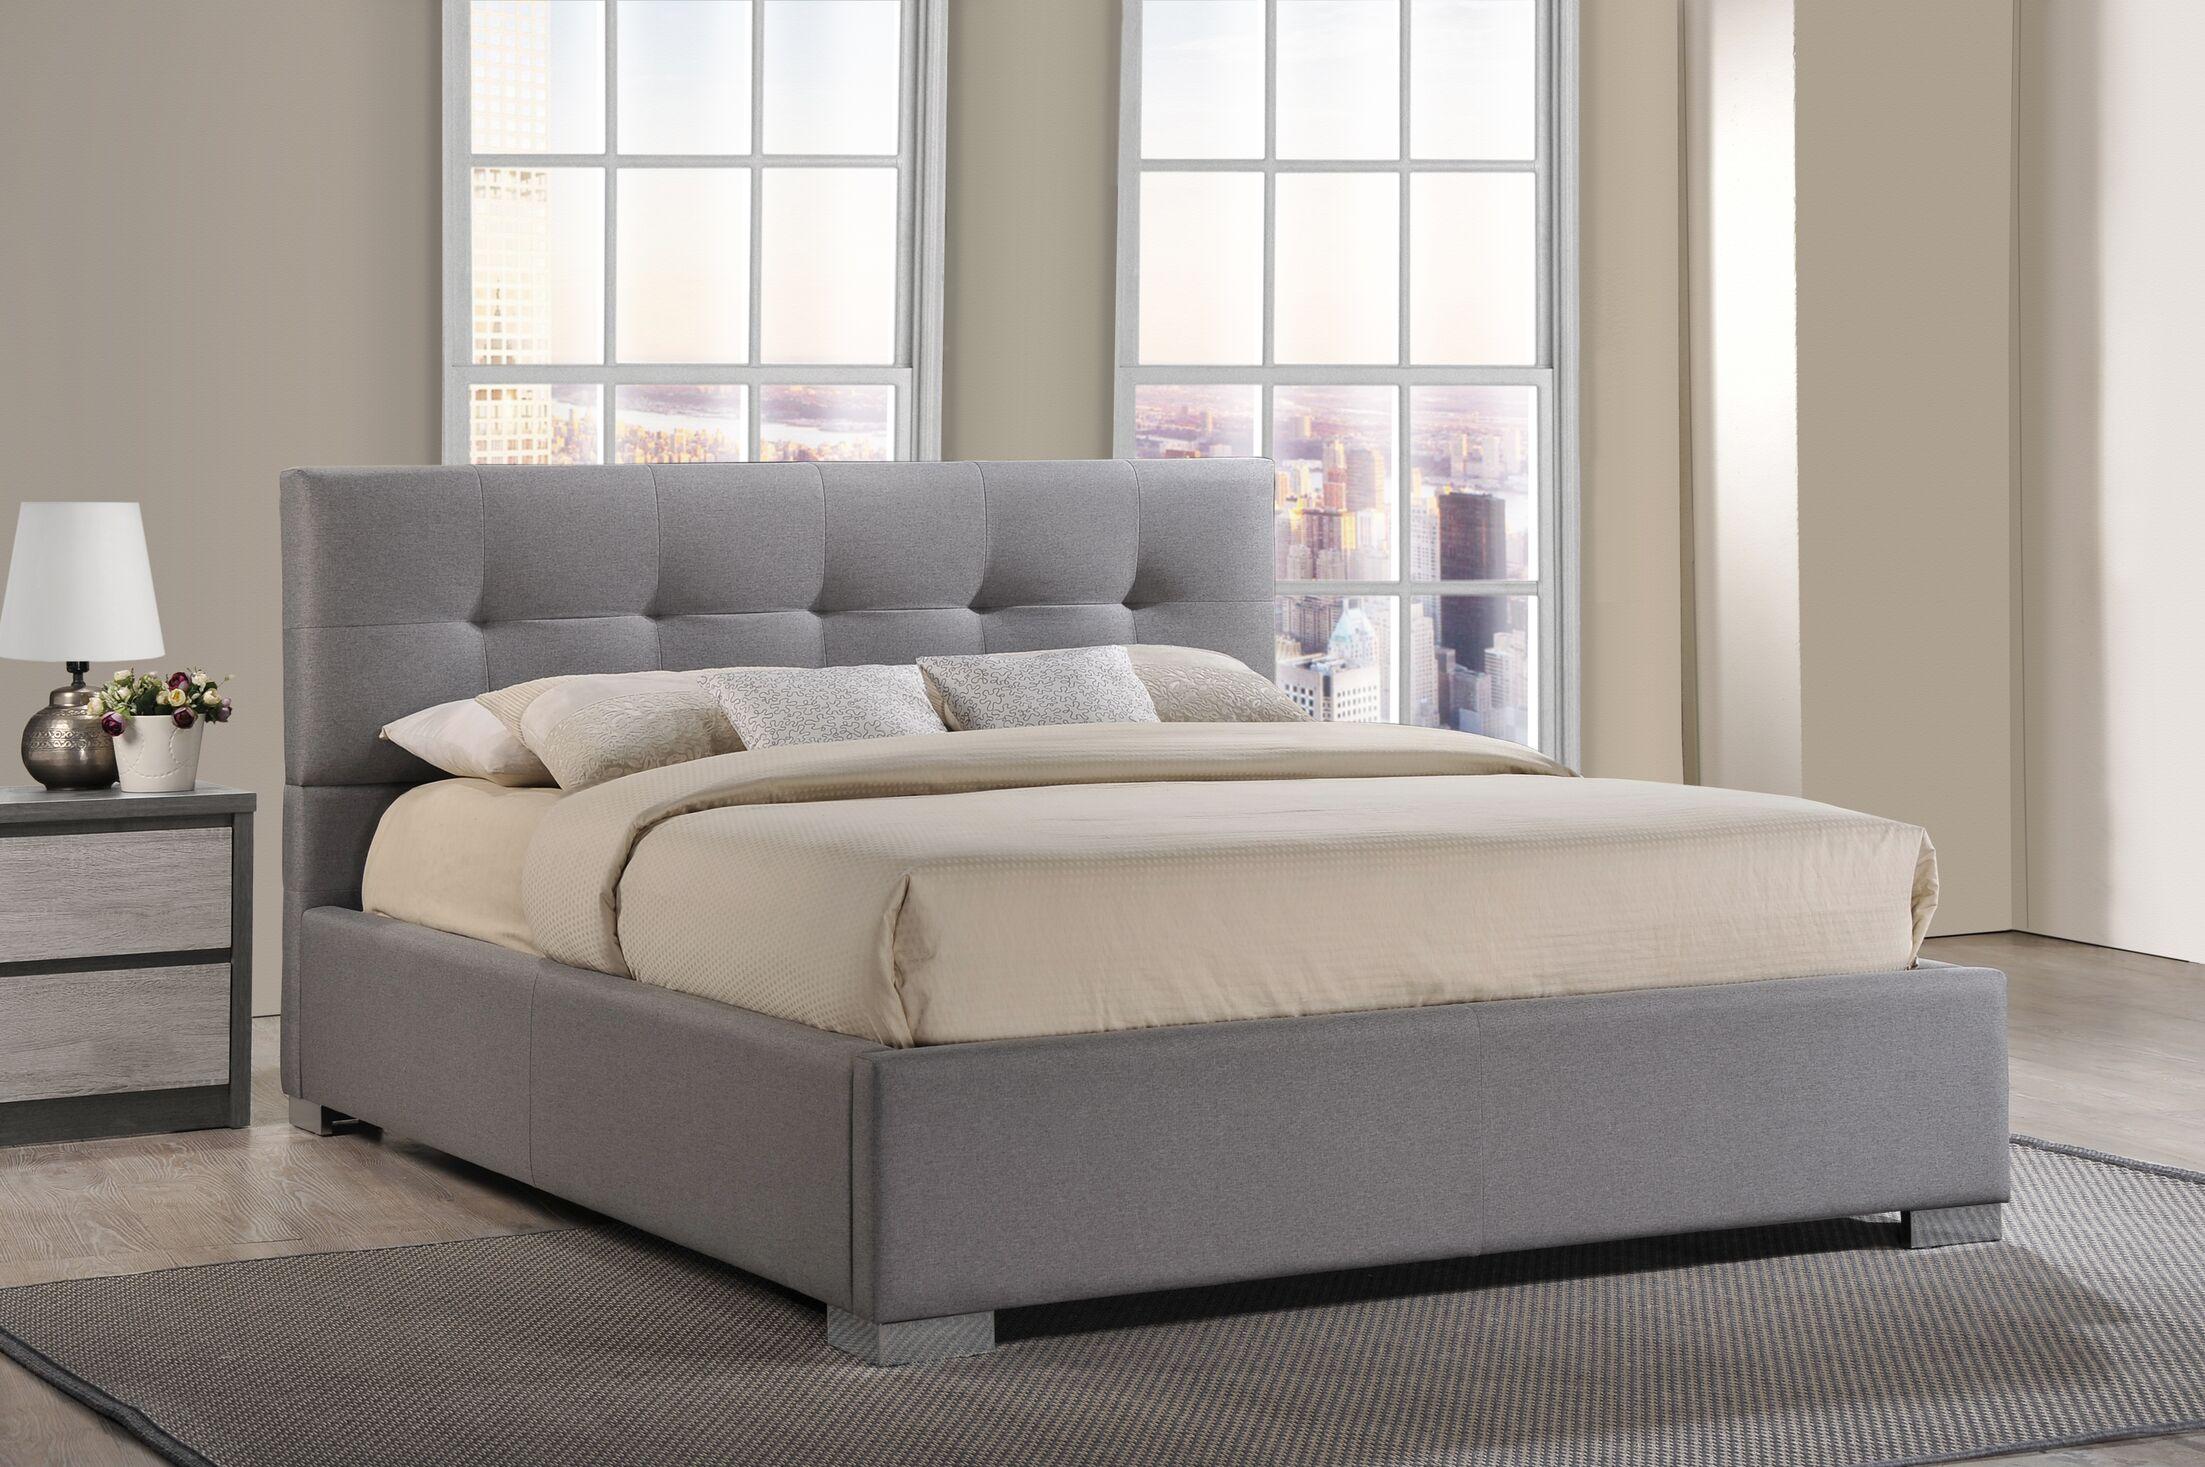 Trudeau Upholstered Platform Bed Color: Grey, Size: King